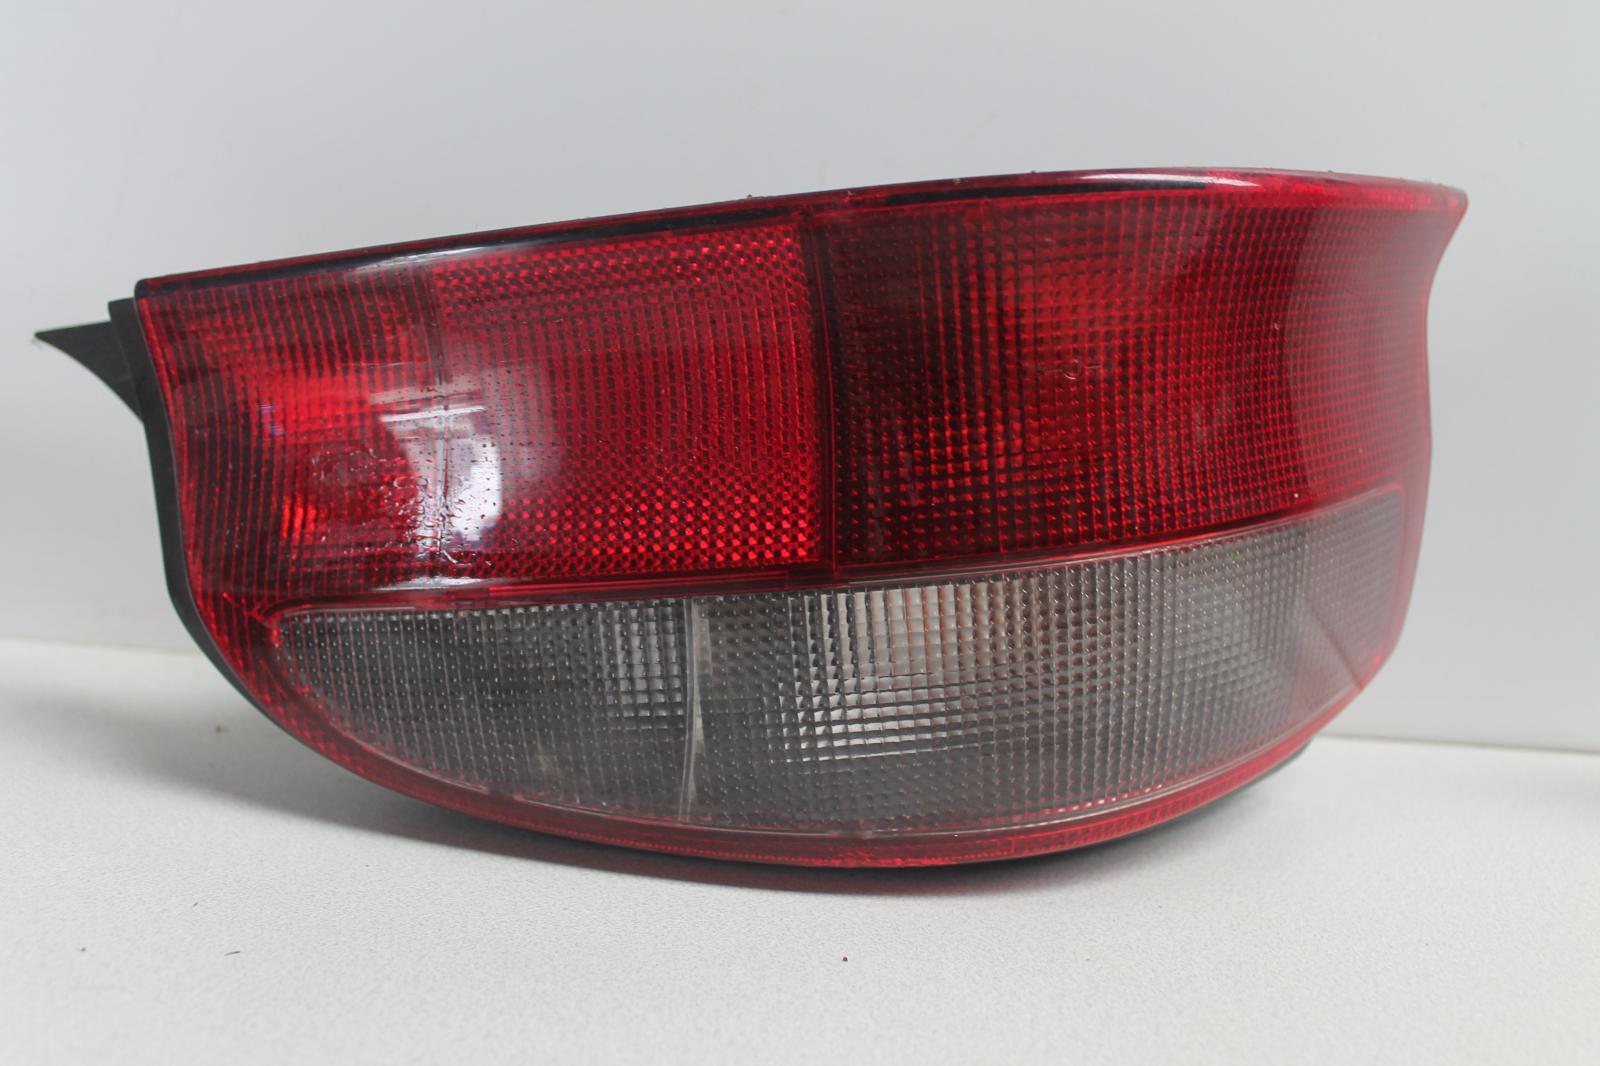 Citroën Saxo 1.1 SX